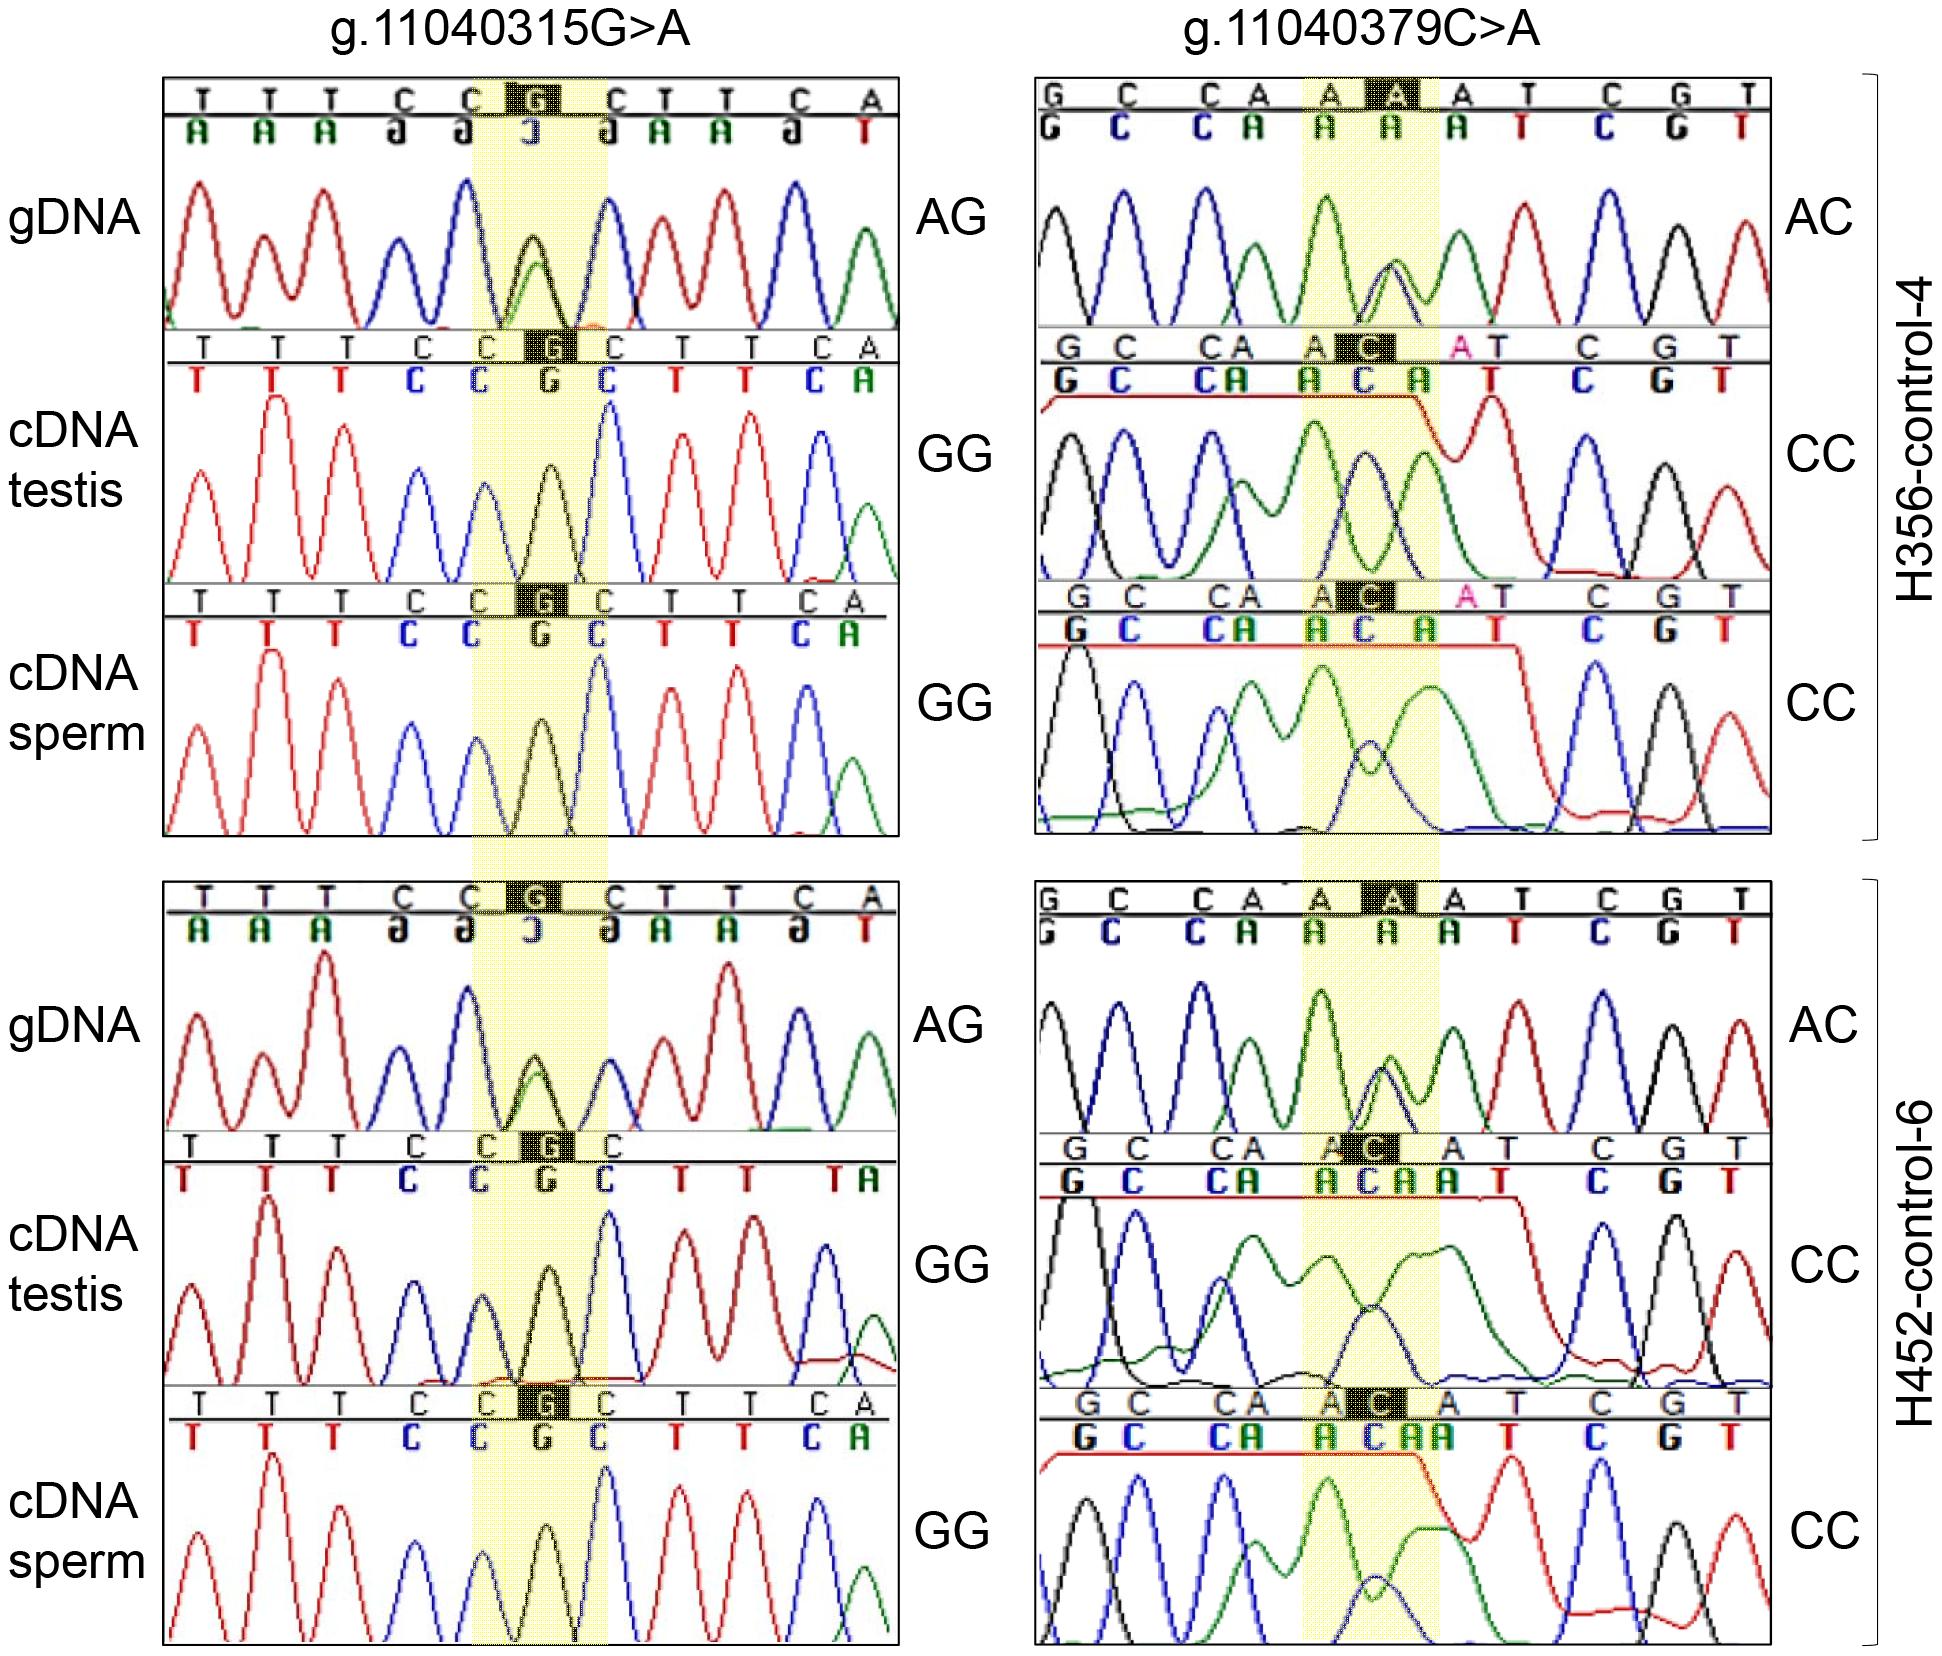 Monoallelic expression of equine <i>FKBP6</i>.